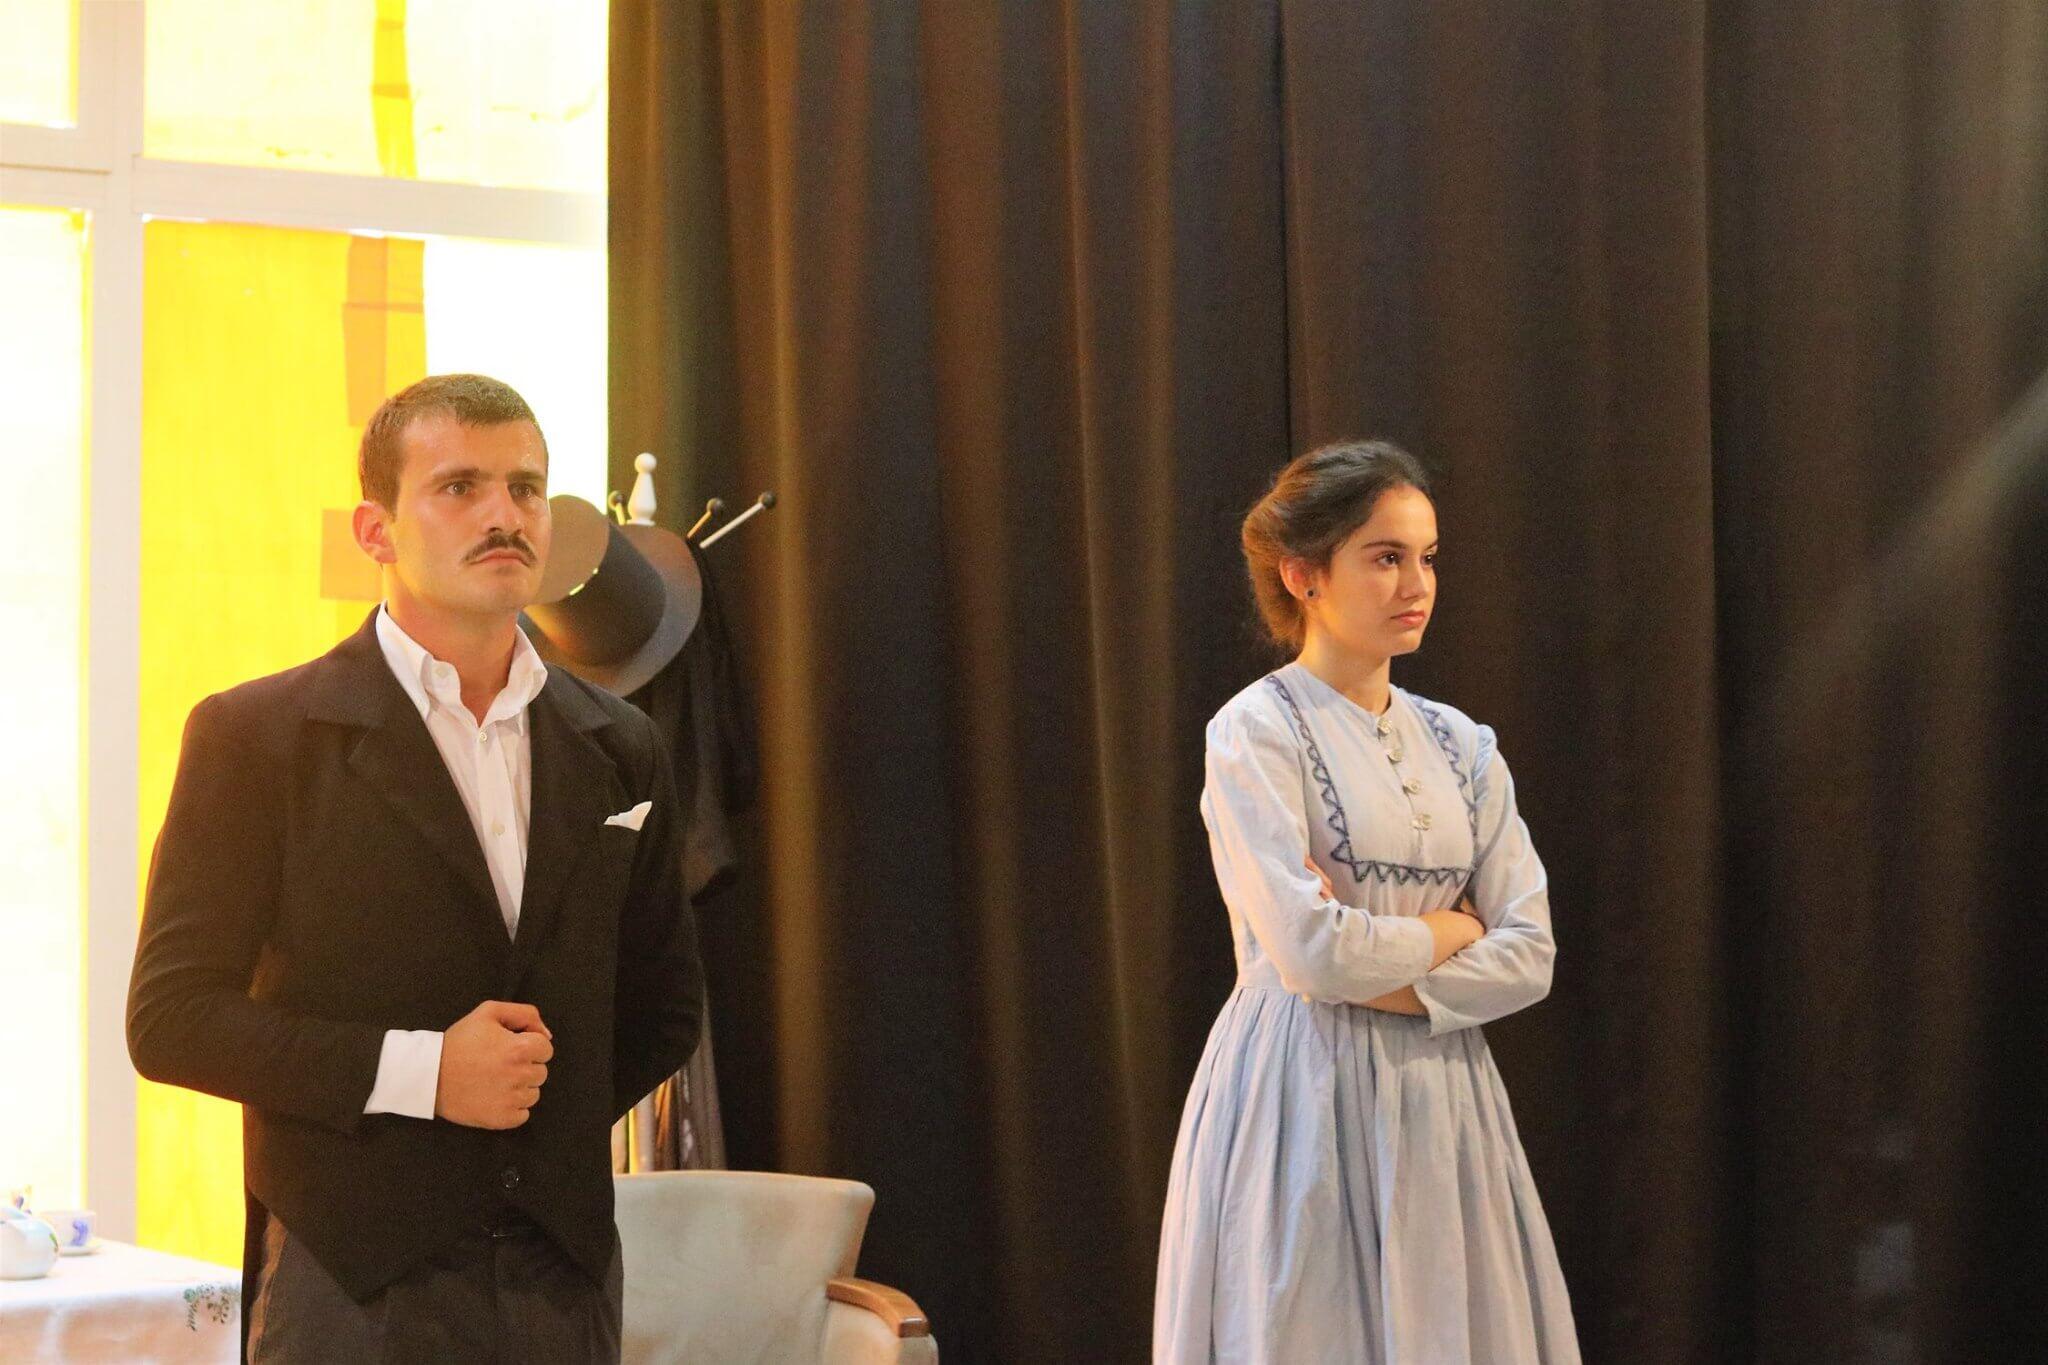 """Shfaqja """"Propozimi"""", e vënë në skenë më 2017; në role Ervis Biba dhe Xhesika Leka. Foto: Alban Tufa."""